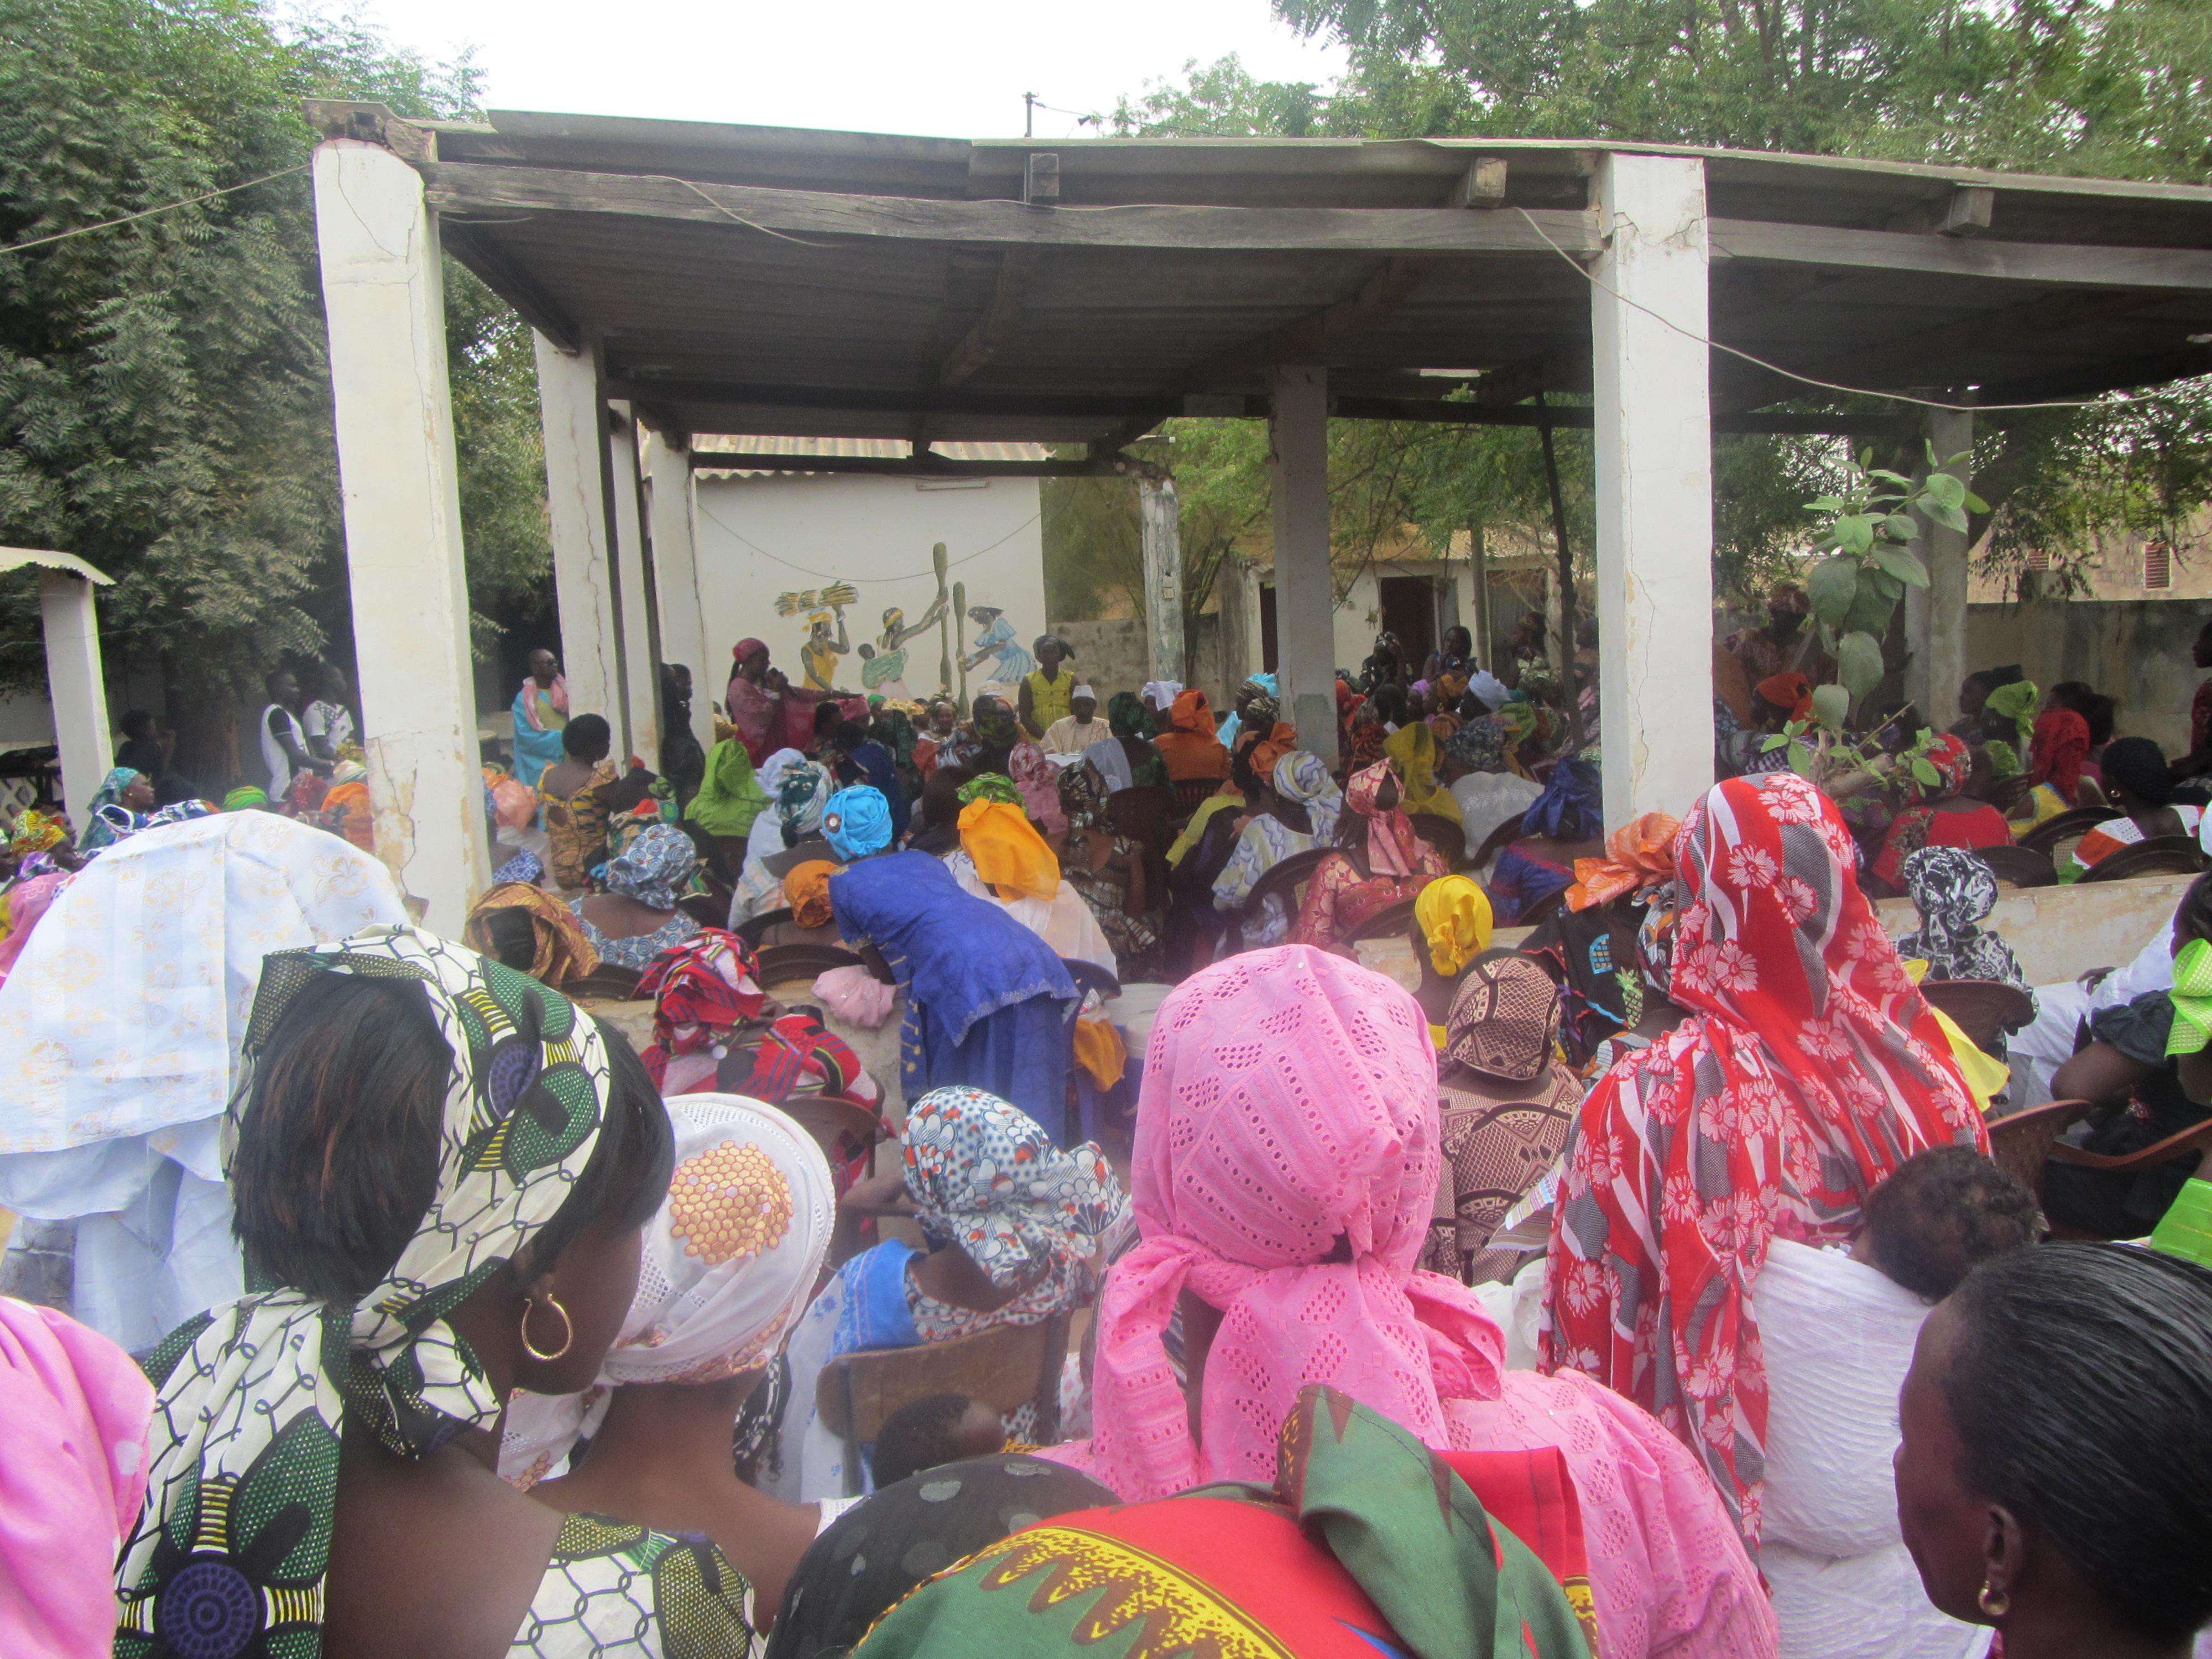 Rassemblement du 12 mars : Les femmes de Koungheul promettent une grande mobilisation à Macky Sall